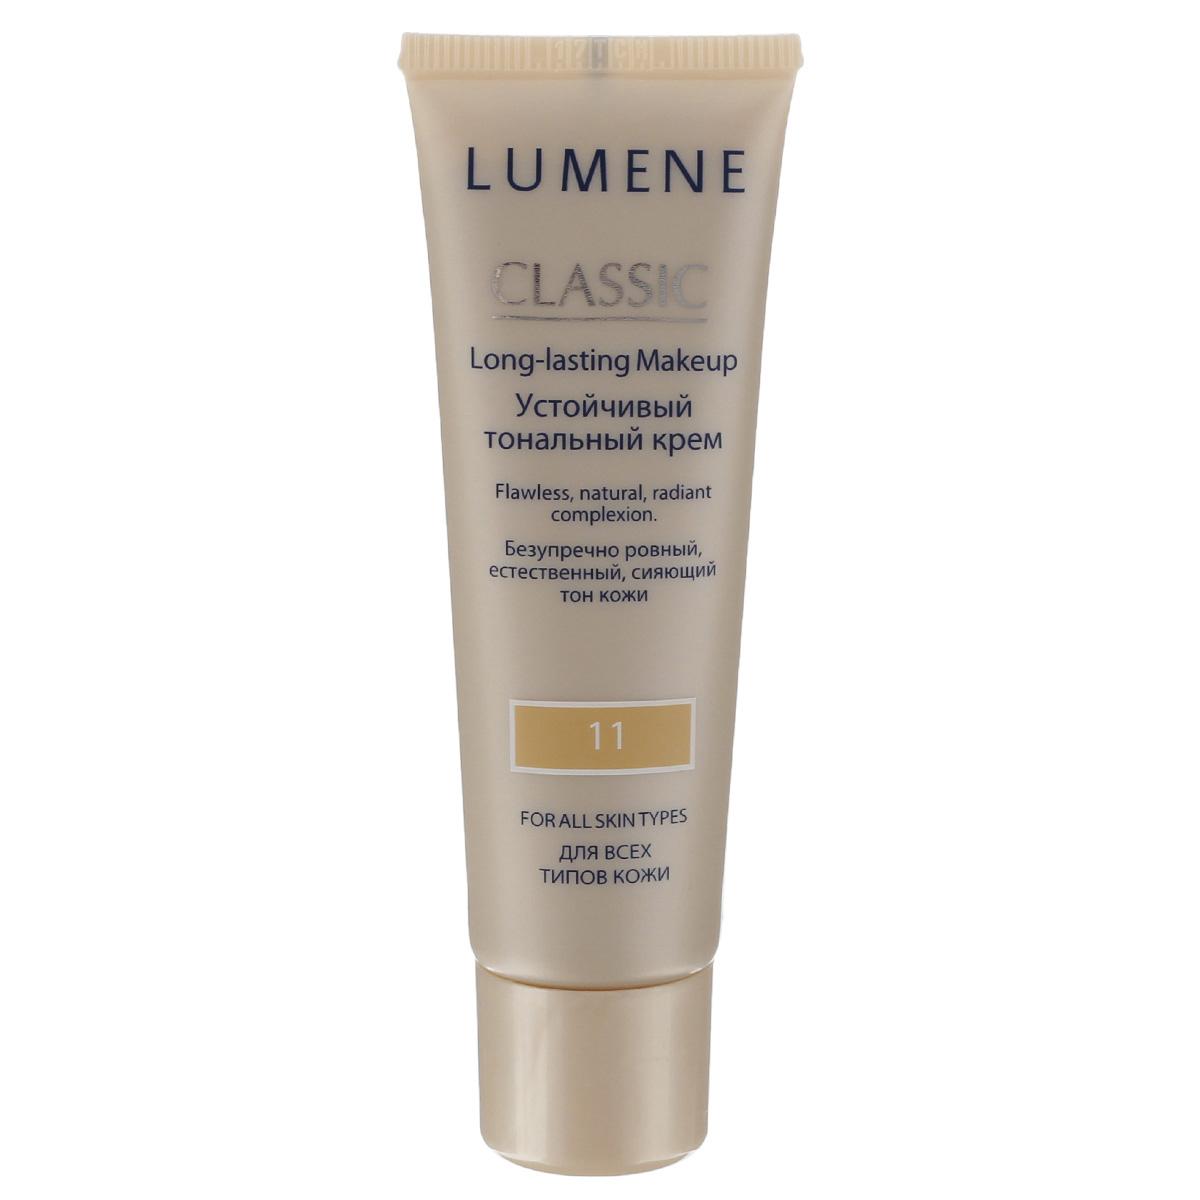 LUMENE Classic - тональный крем, №11, 30 млNL0012-987131Long Lasting Makeup Lumene Classic Устойчивый тональный крем Lumene Classic Для всех типов кожи Безупречно ровный, естественный, сияющий тон кожи. Идеальный и естественный макияж в течение всего дня. Безупречно гладкая кожа. Увлажнение и комфорт благодаря специальной формуле.